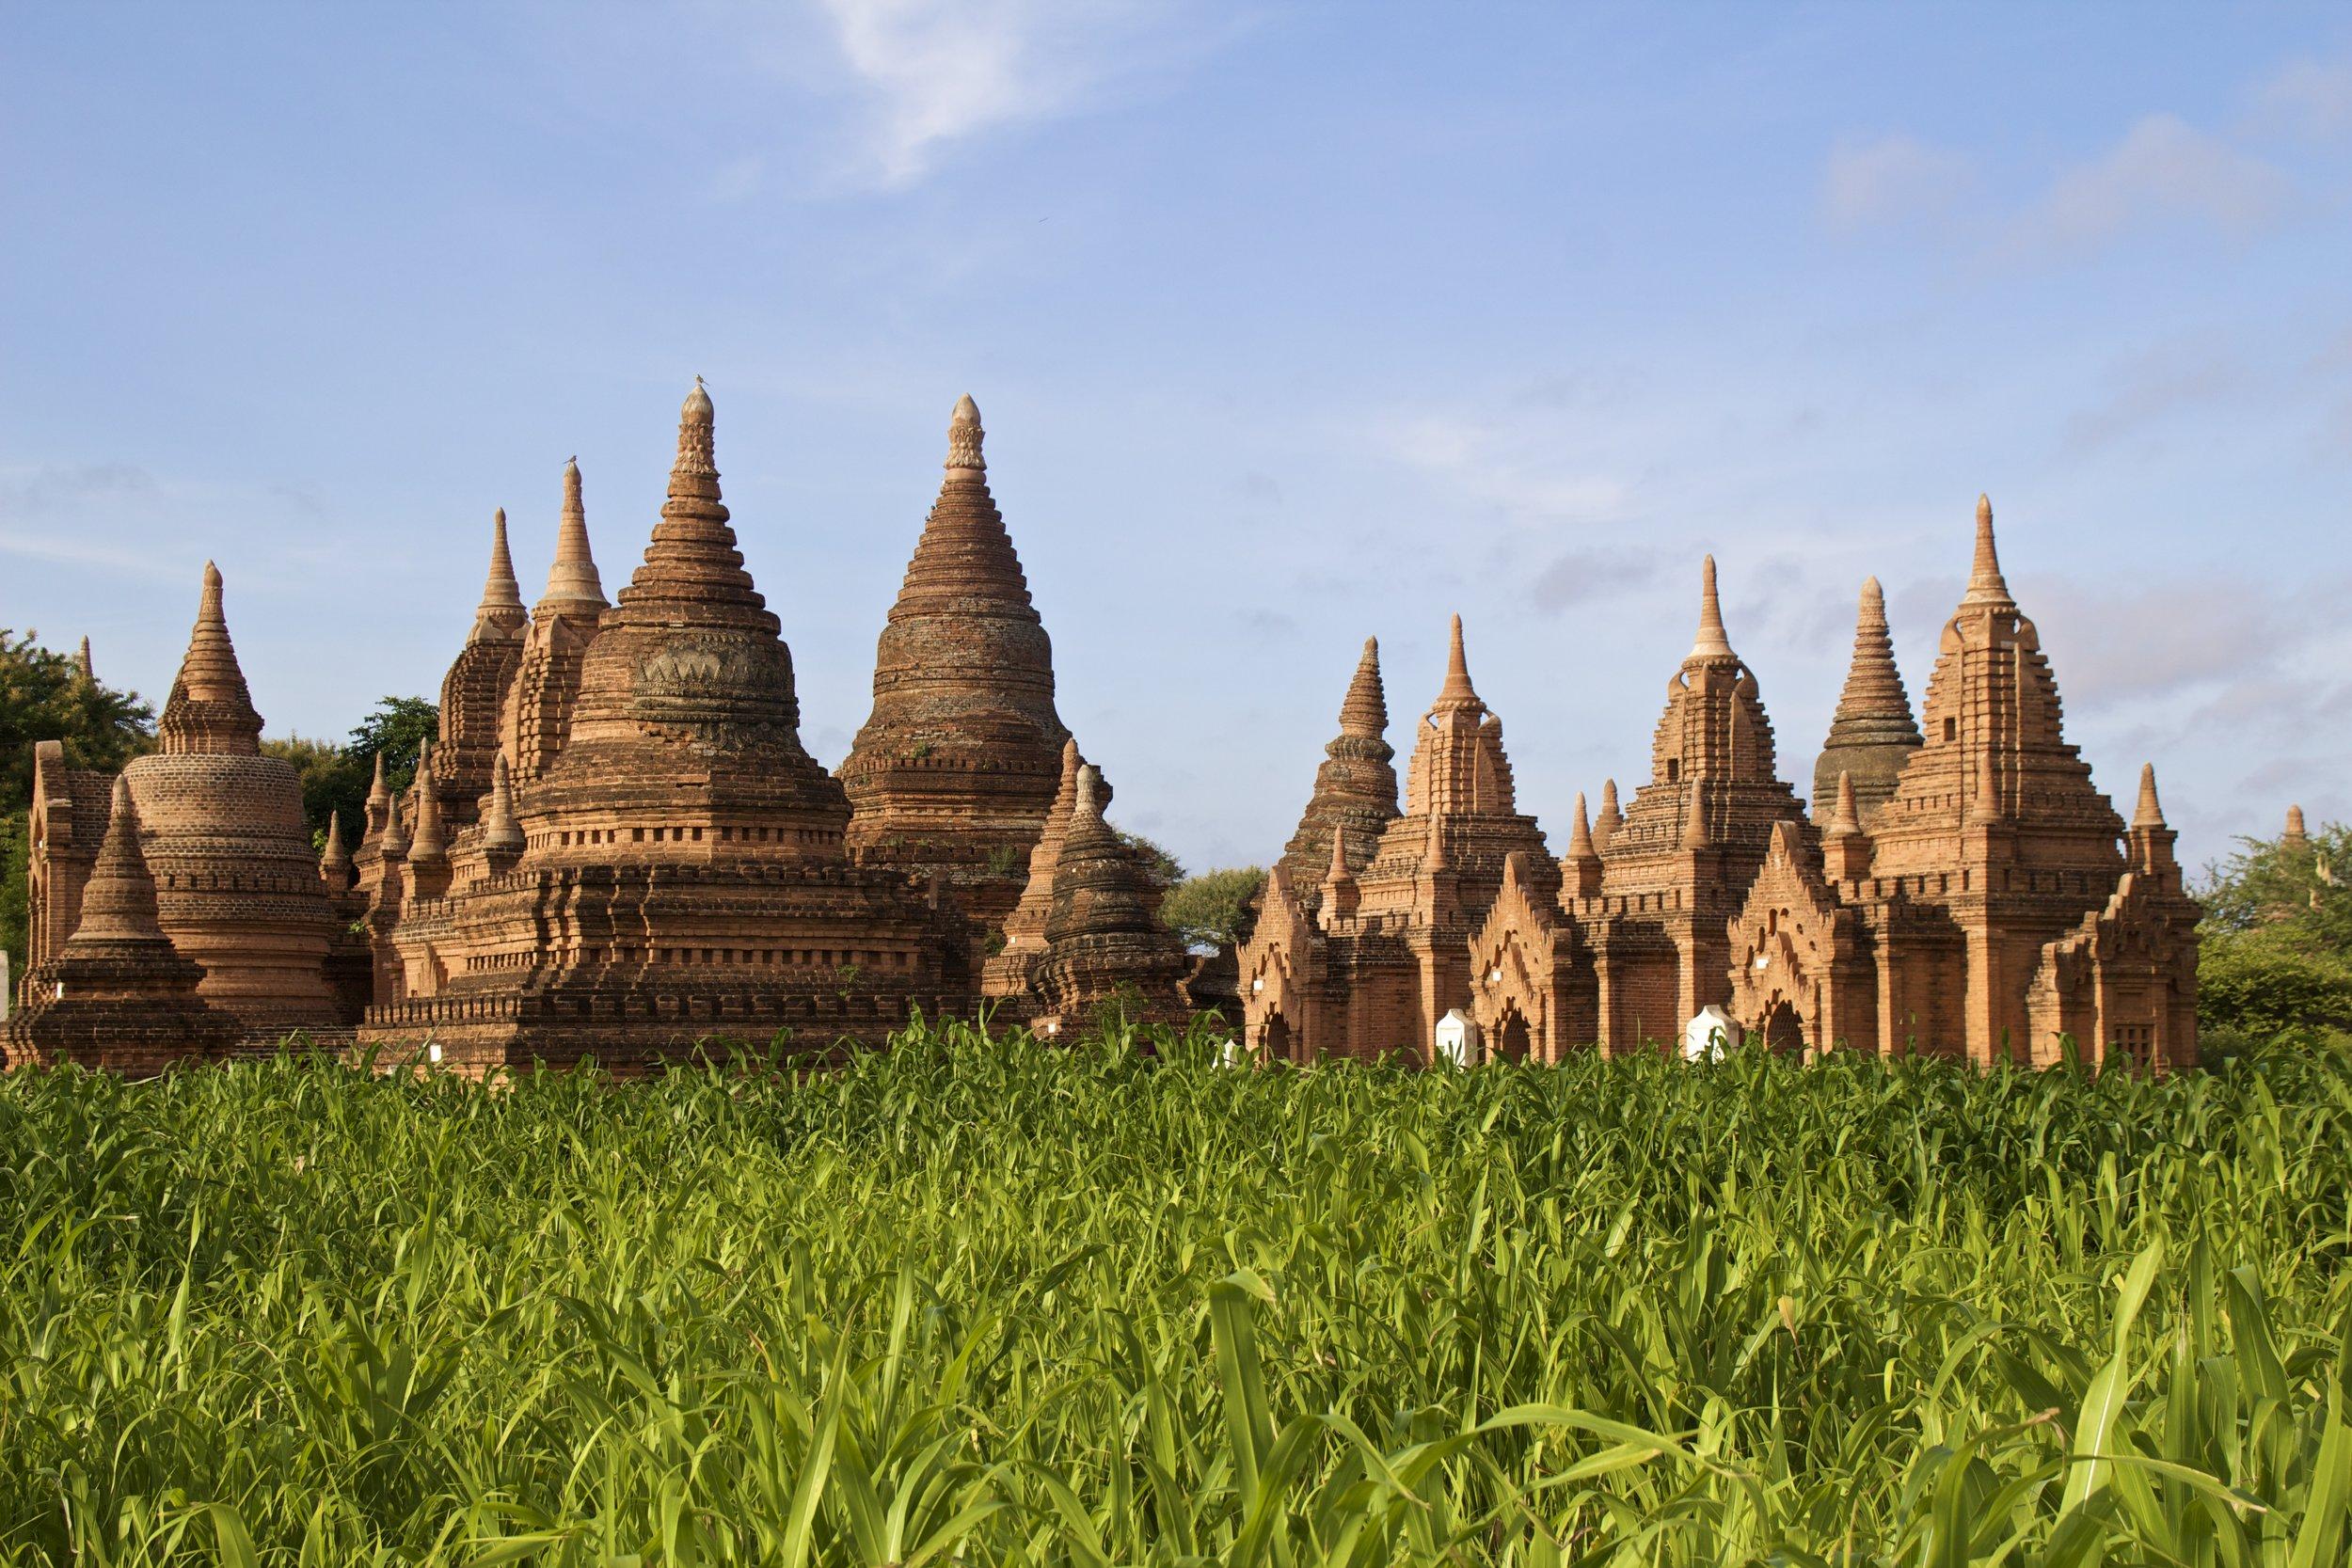 bagan burma myanmar buddhist temples 21.jpg